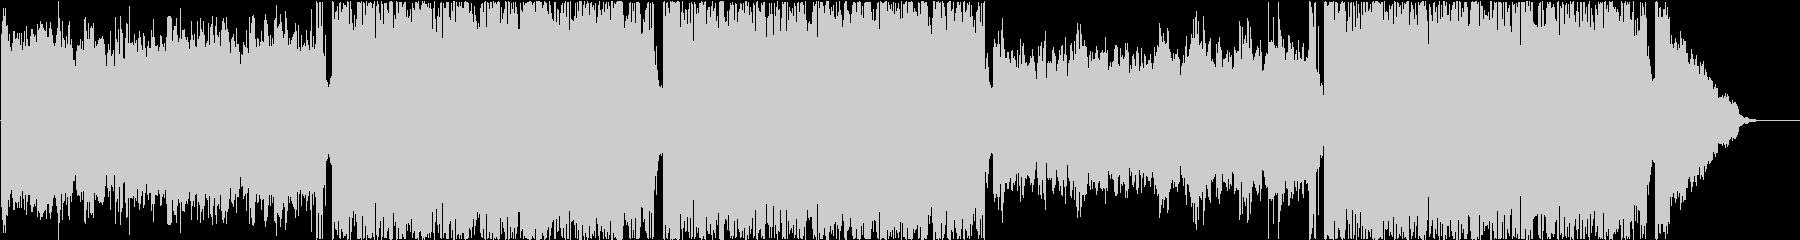 チルアウト、ヒップホップの未再生の波形